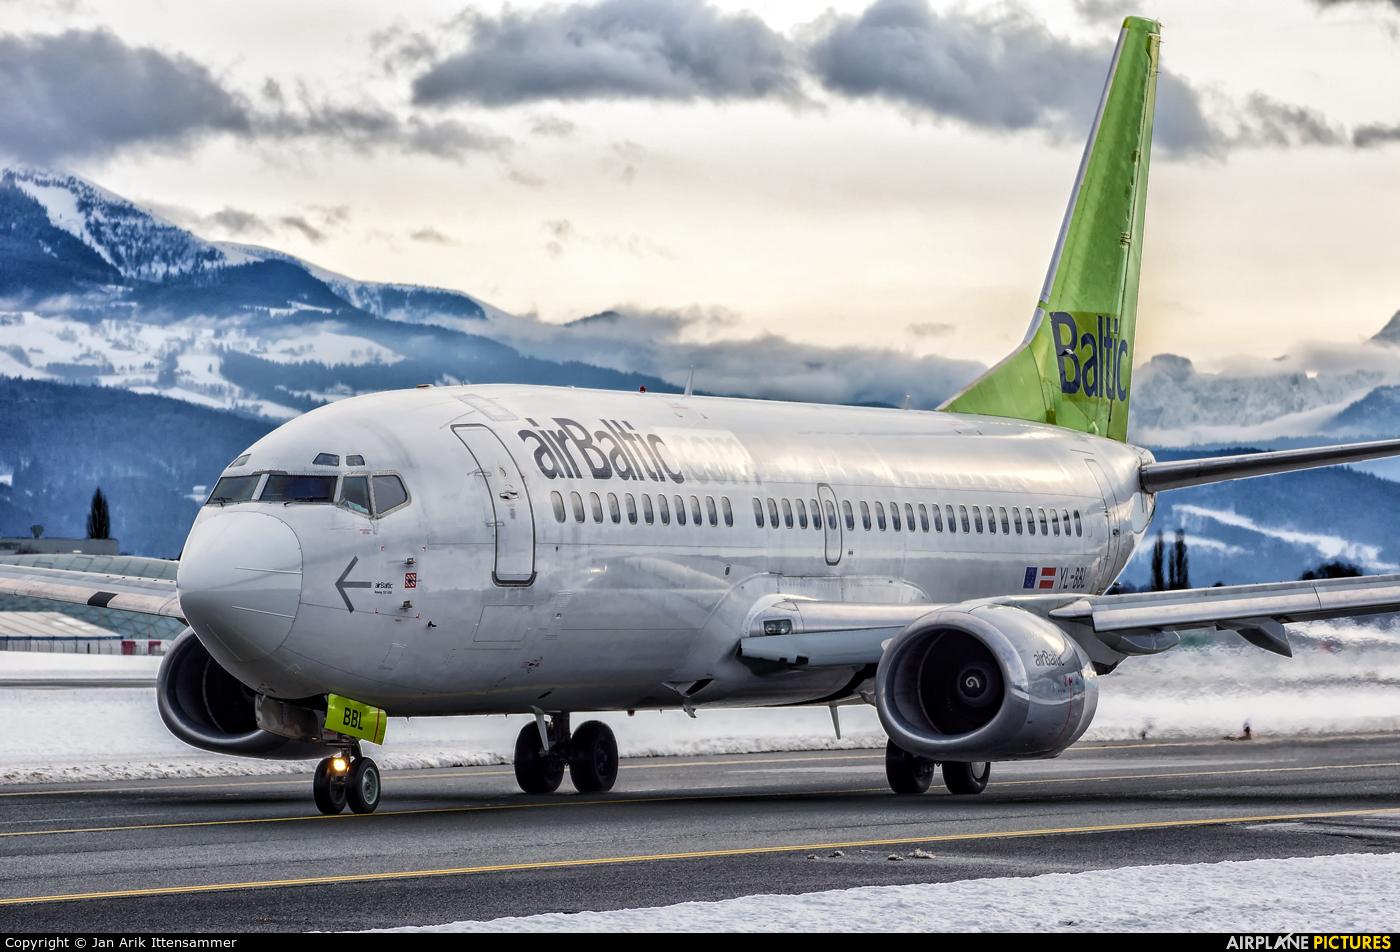 Air Baltic YL-BBL aircraft at Salzburg